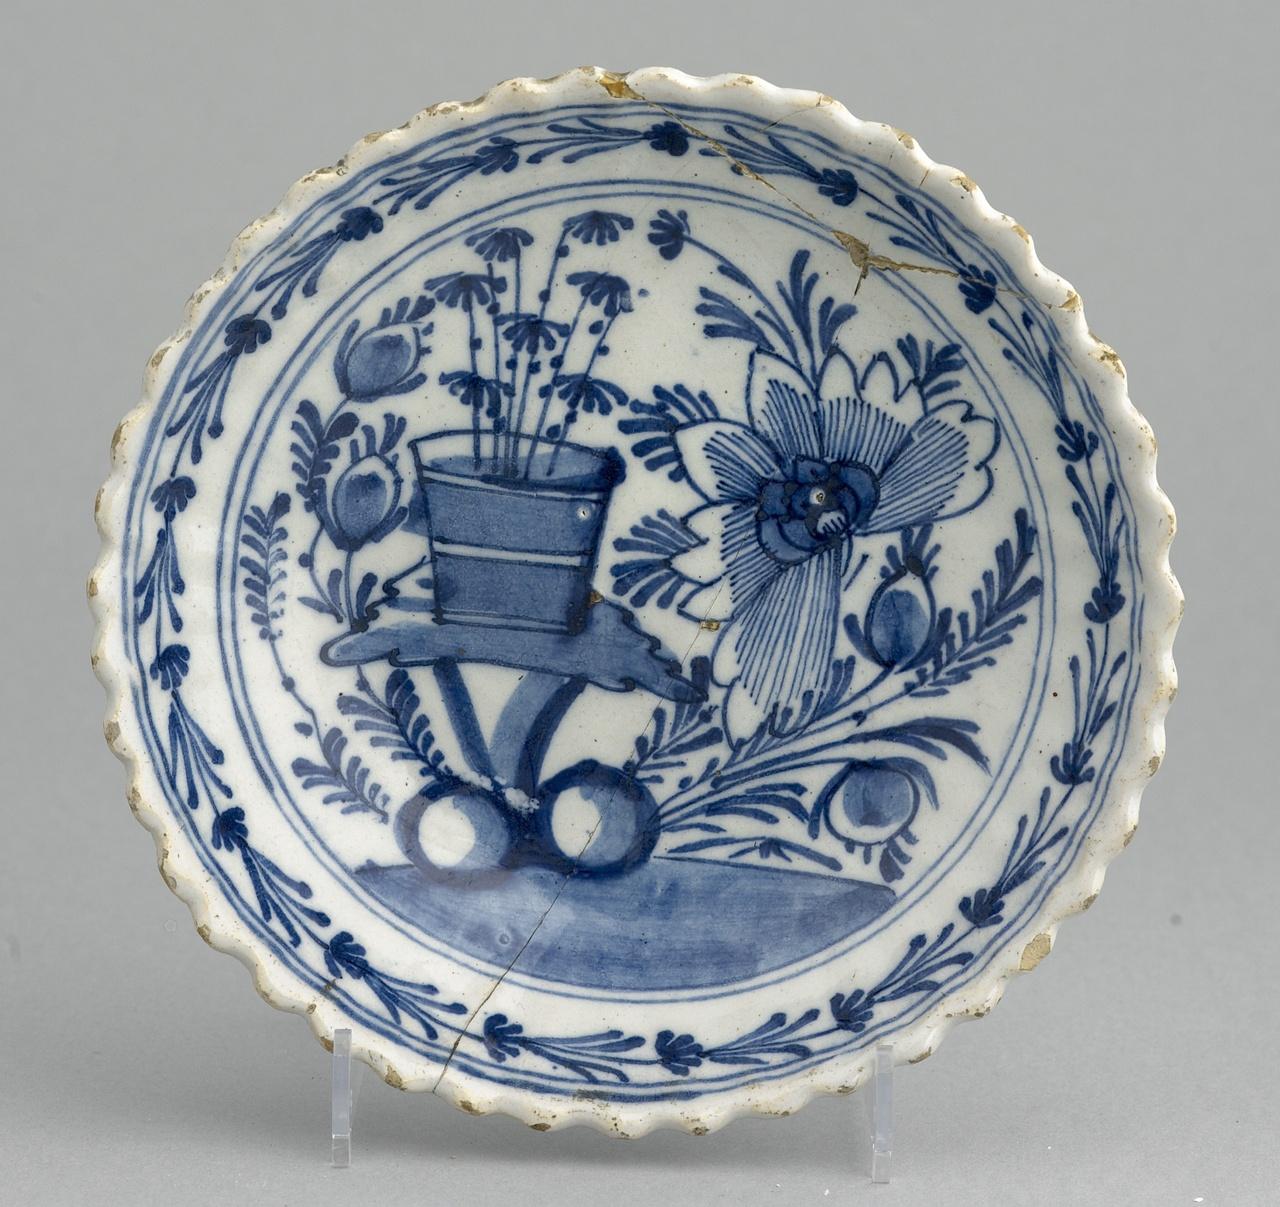 Verdiept bord met florale motieven in onderglazuur blauw